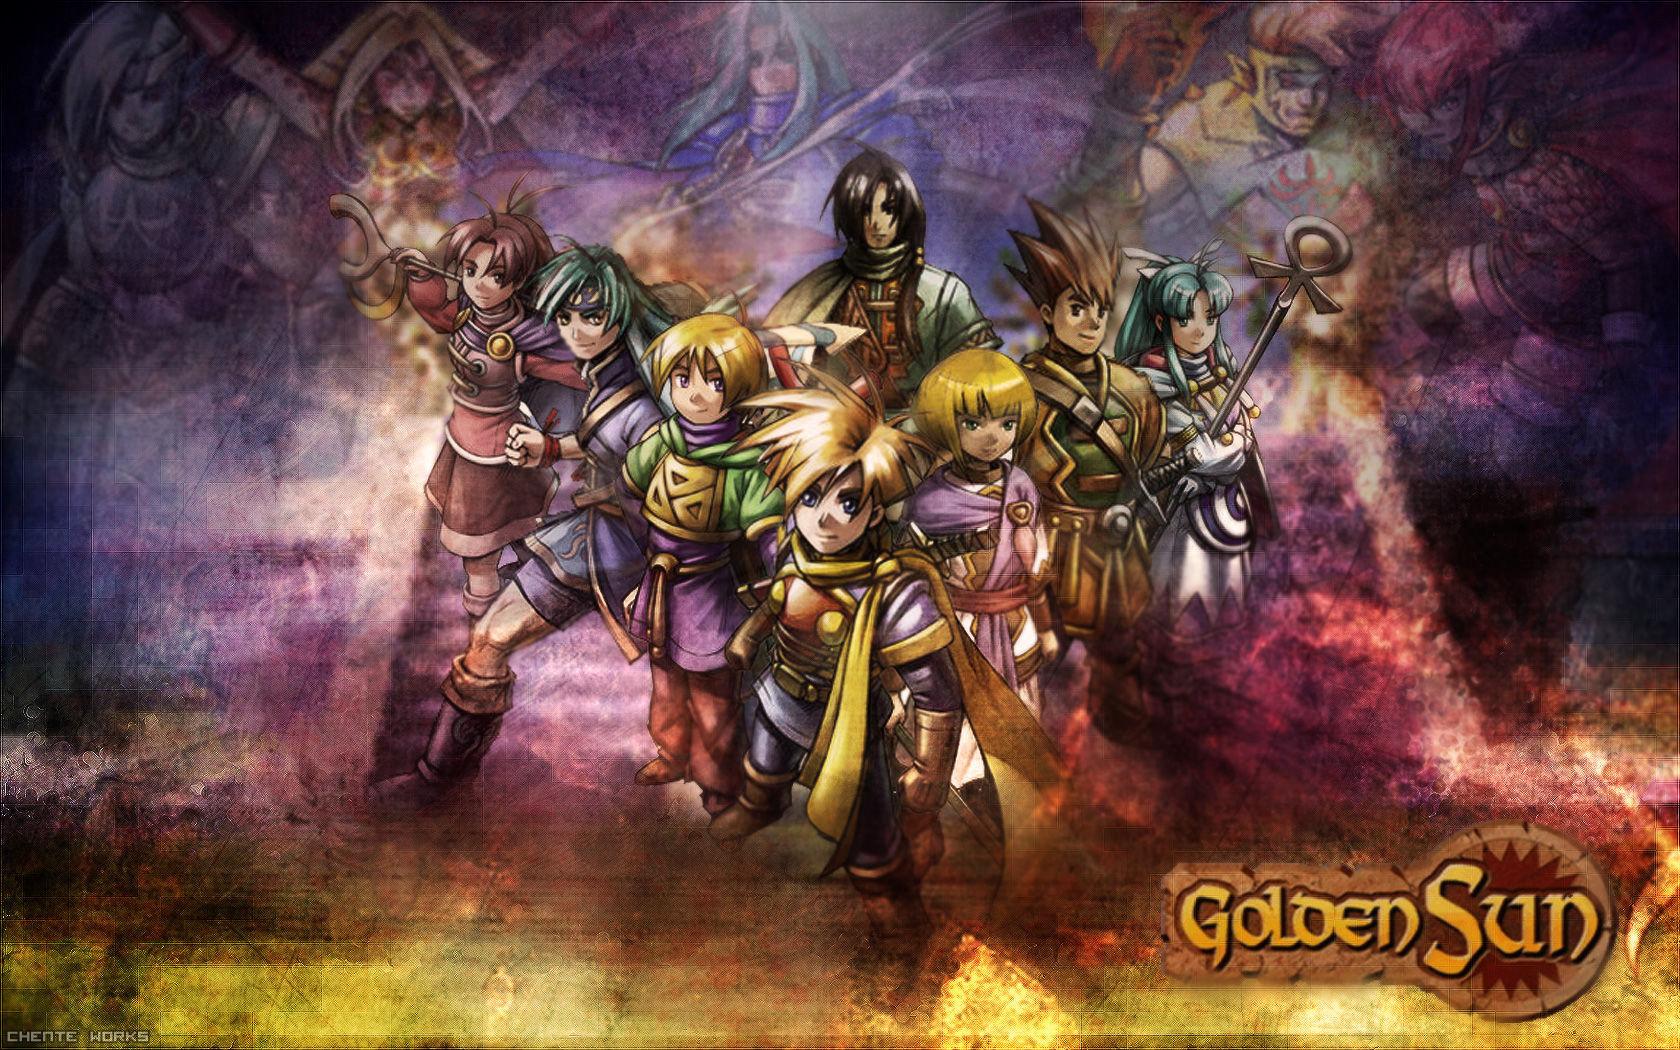 13980 - ¿Cuanto sabes de la saga Golden Sun? (Nivel: Medio)